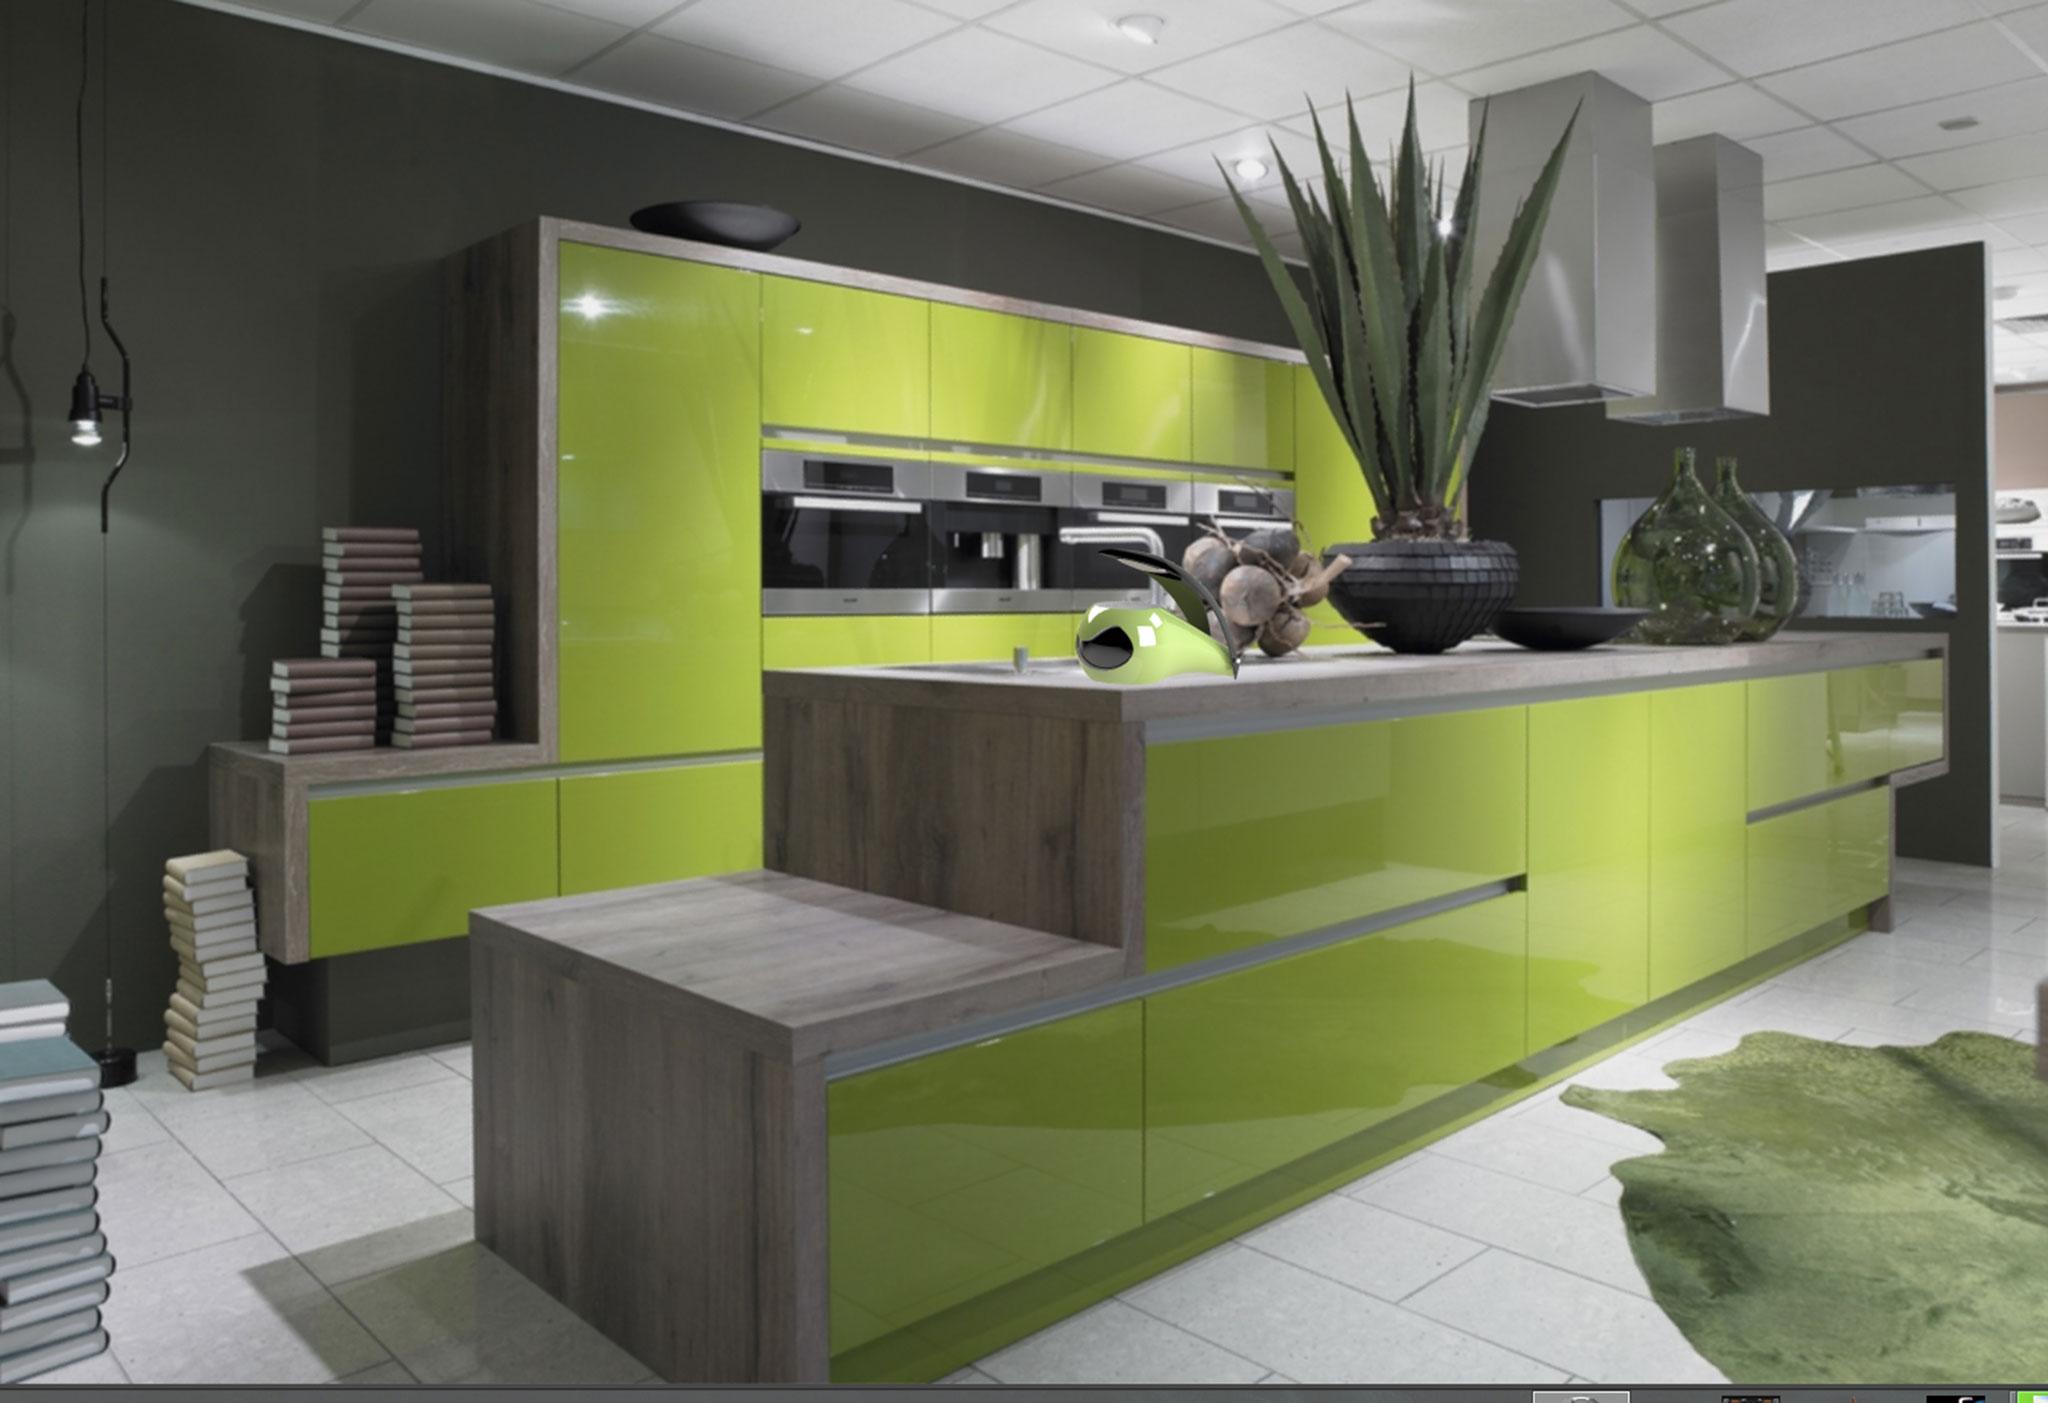 Meuble de cuisine vert anis - Idée pour cuisine